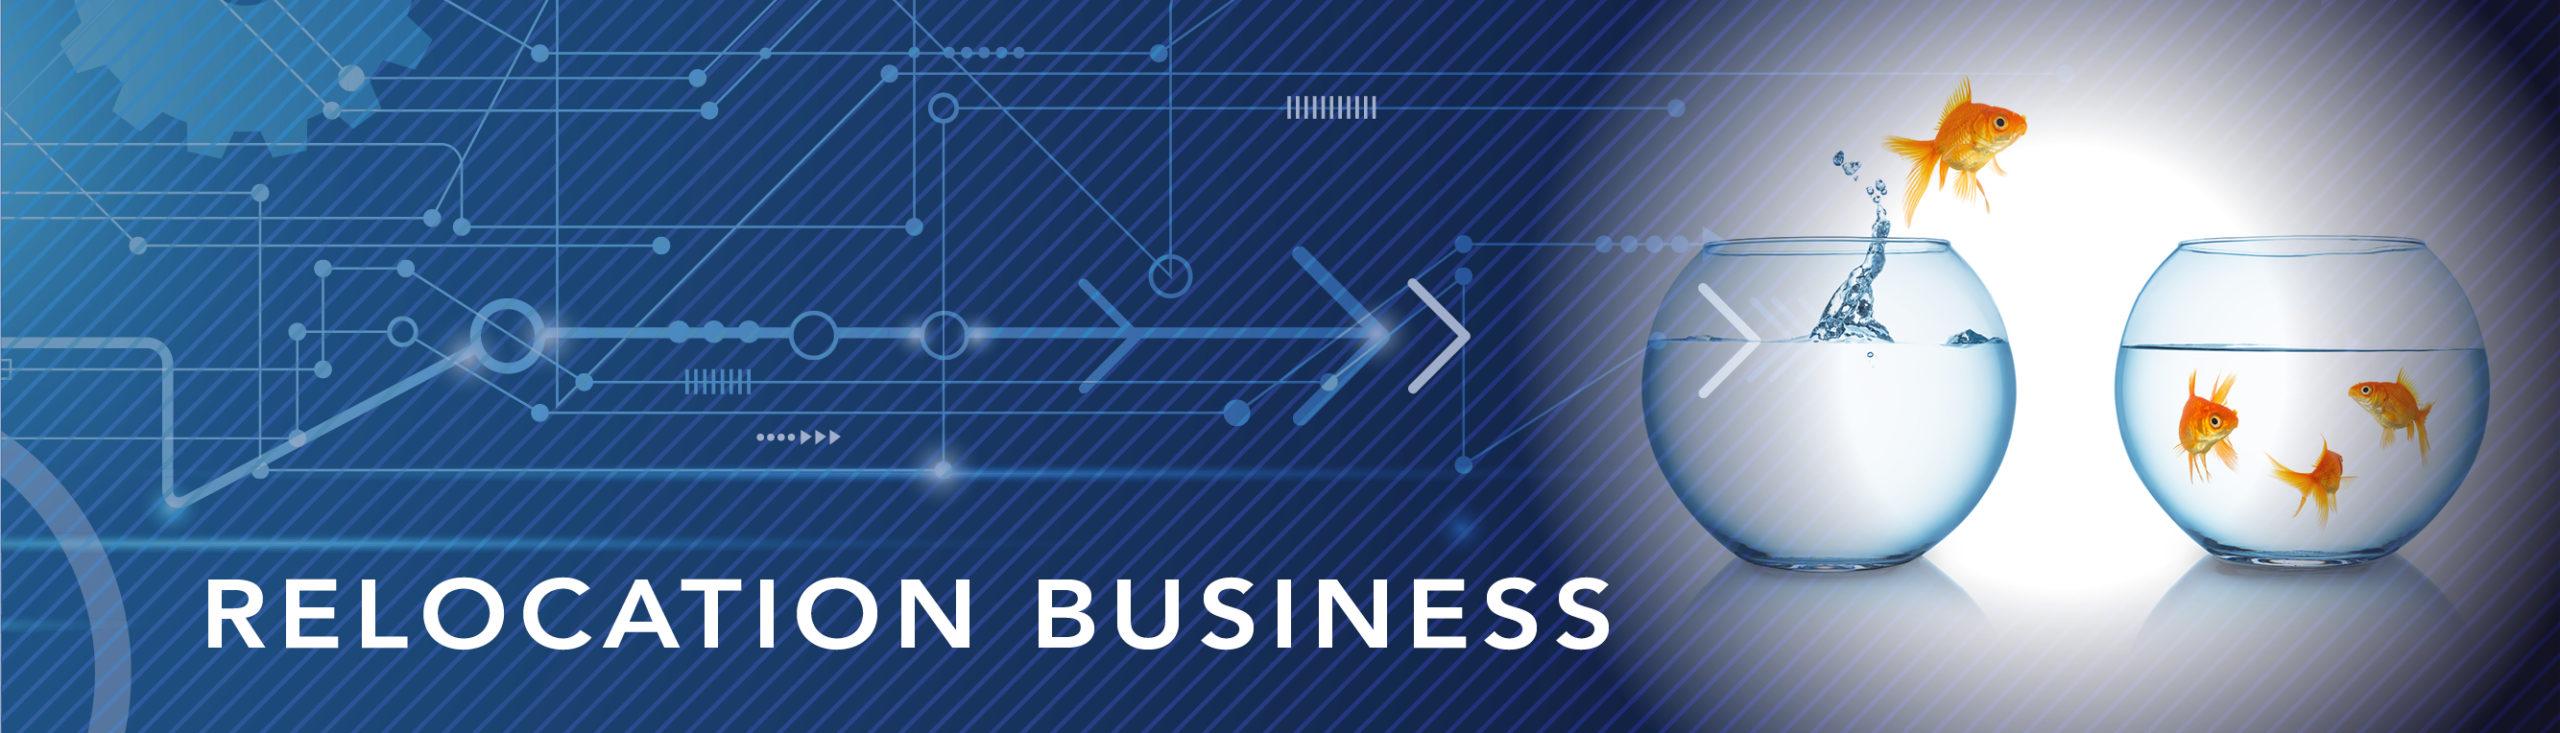 Relocation Business - VNT Automotive